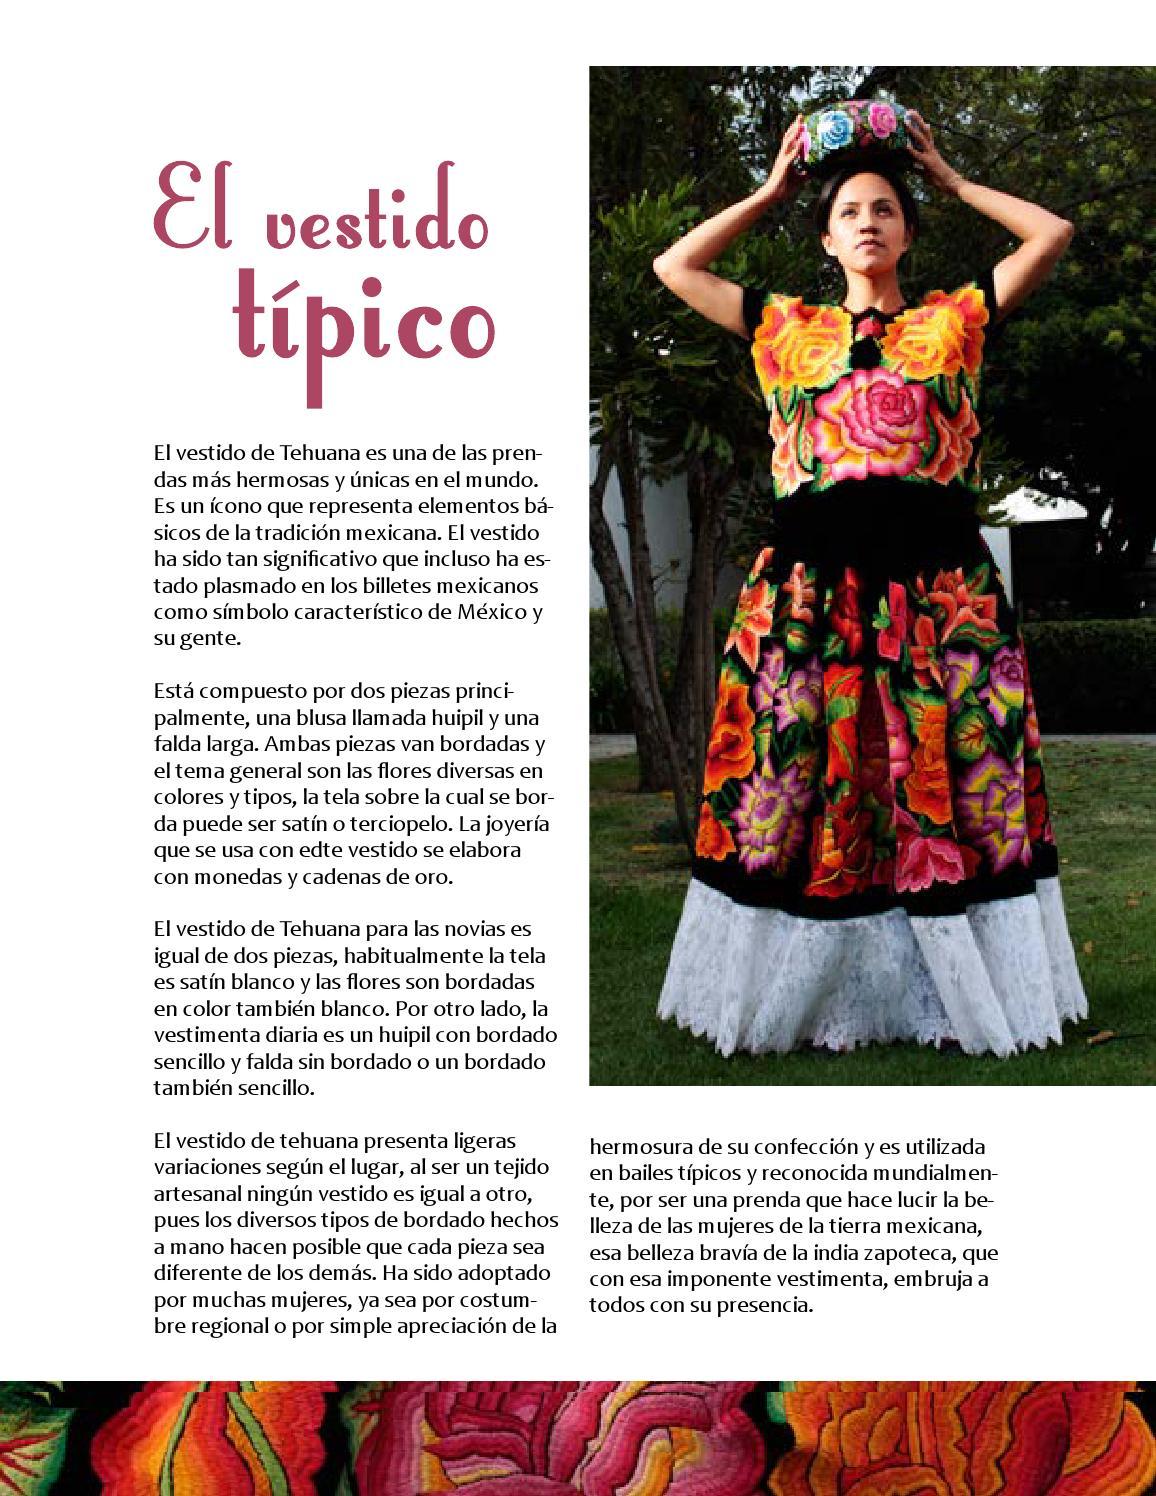 92e3de6f06 Vestido de tehuana by Suzy B. González - issuu